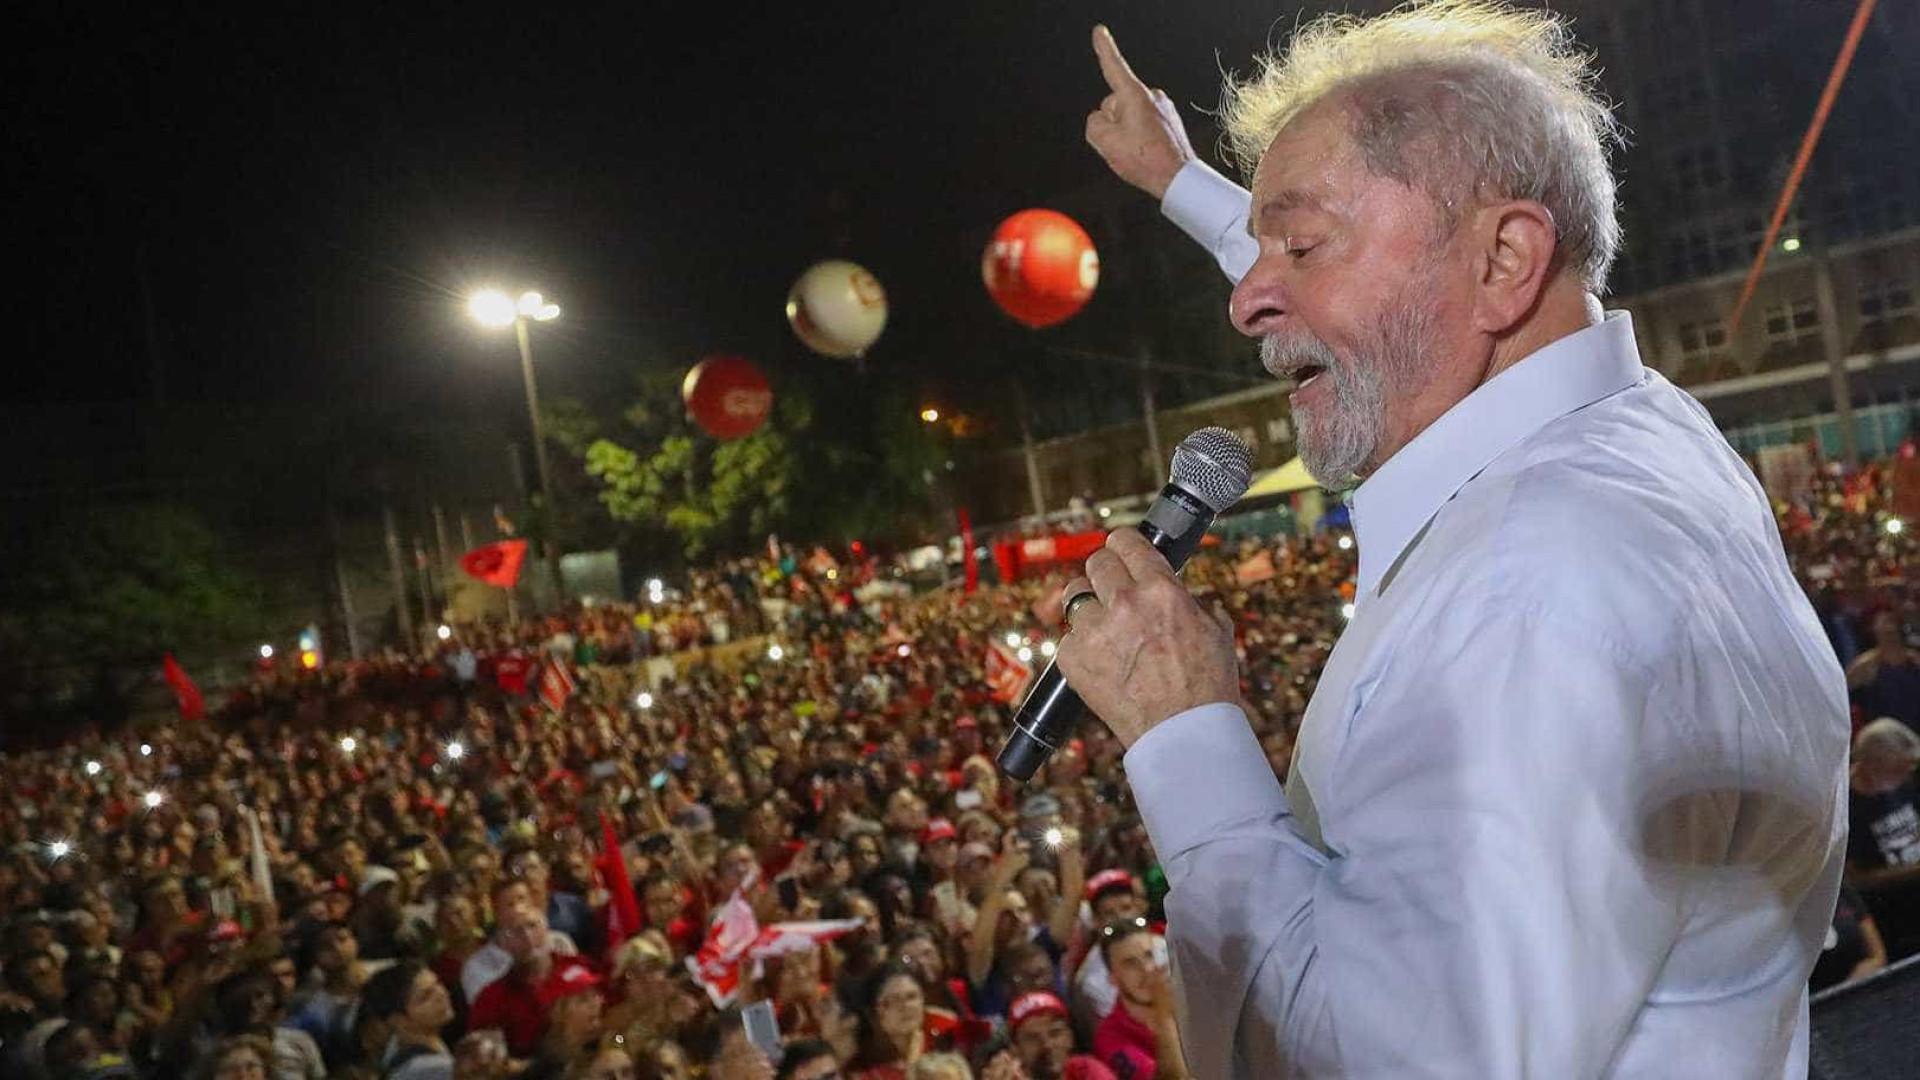 Procuradoria tentará aumentar pena de Lula em julgamento